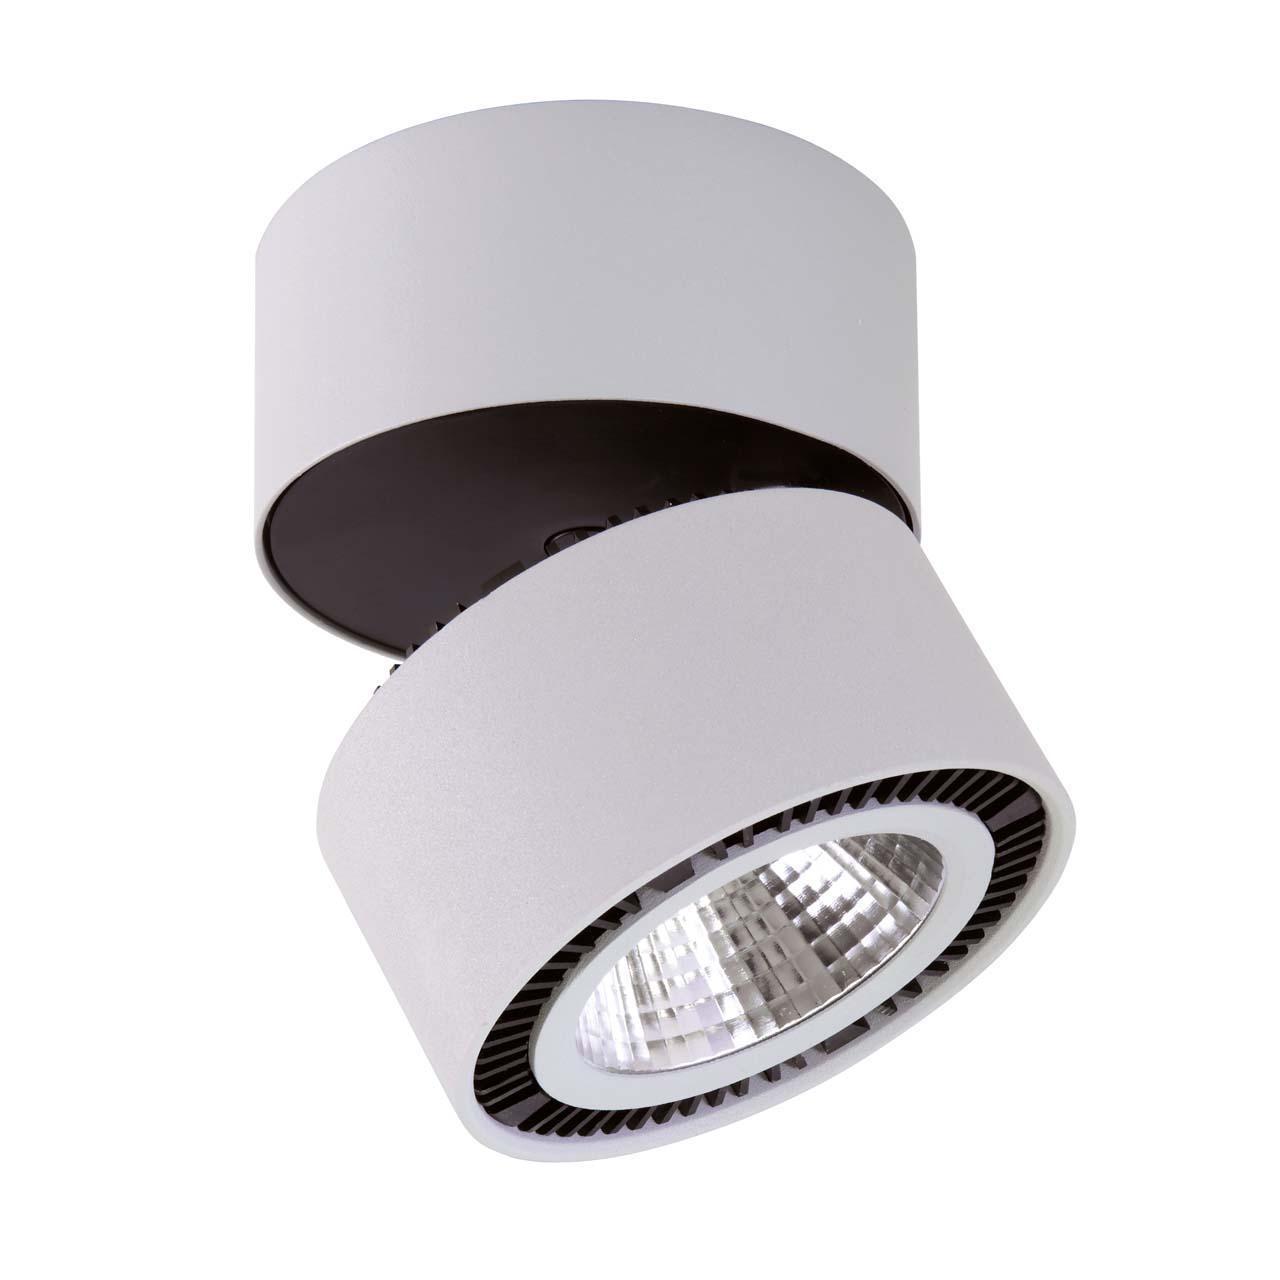 Потолочный светильник Lightstar 214839, серый потолочный светодиодный светильник lightstar forte muro 214839